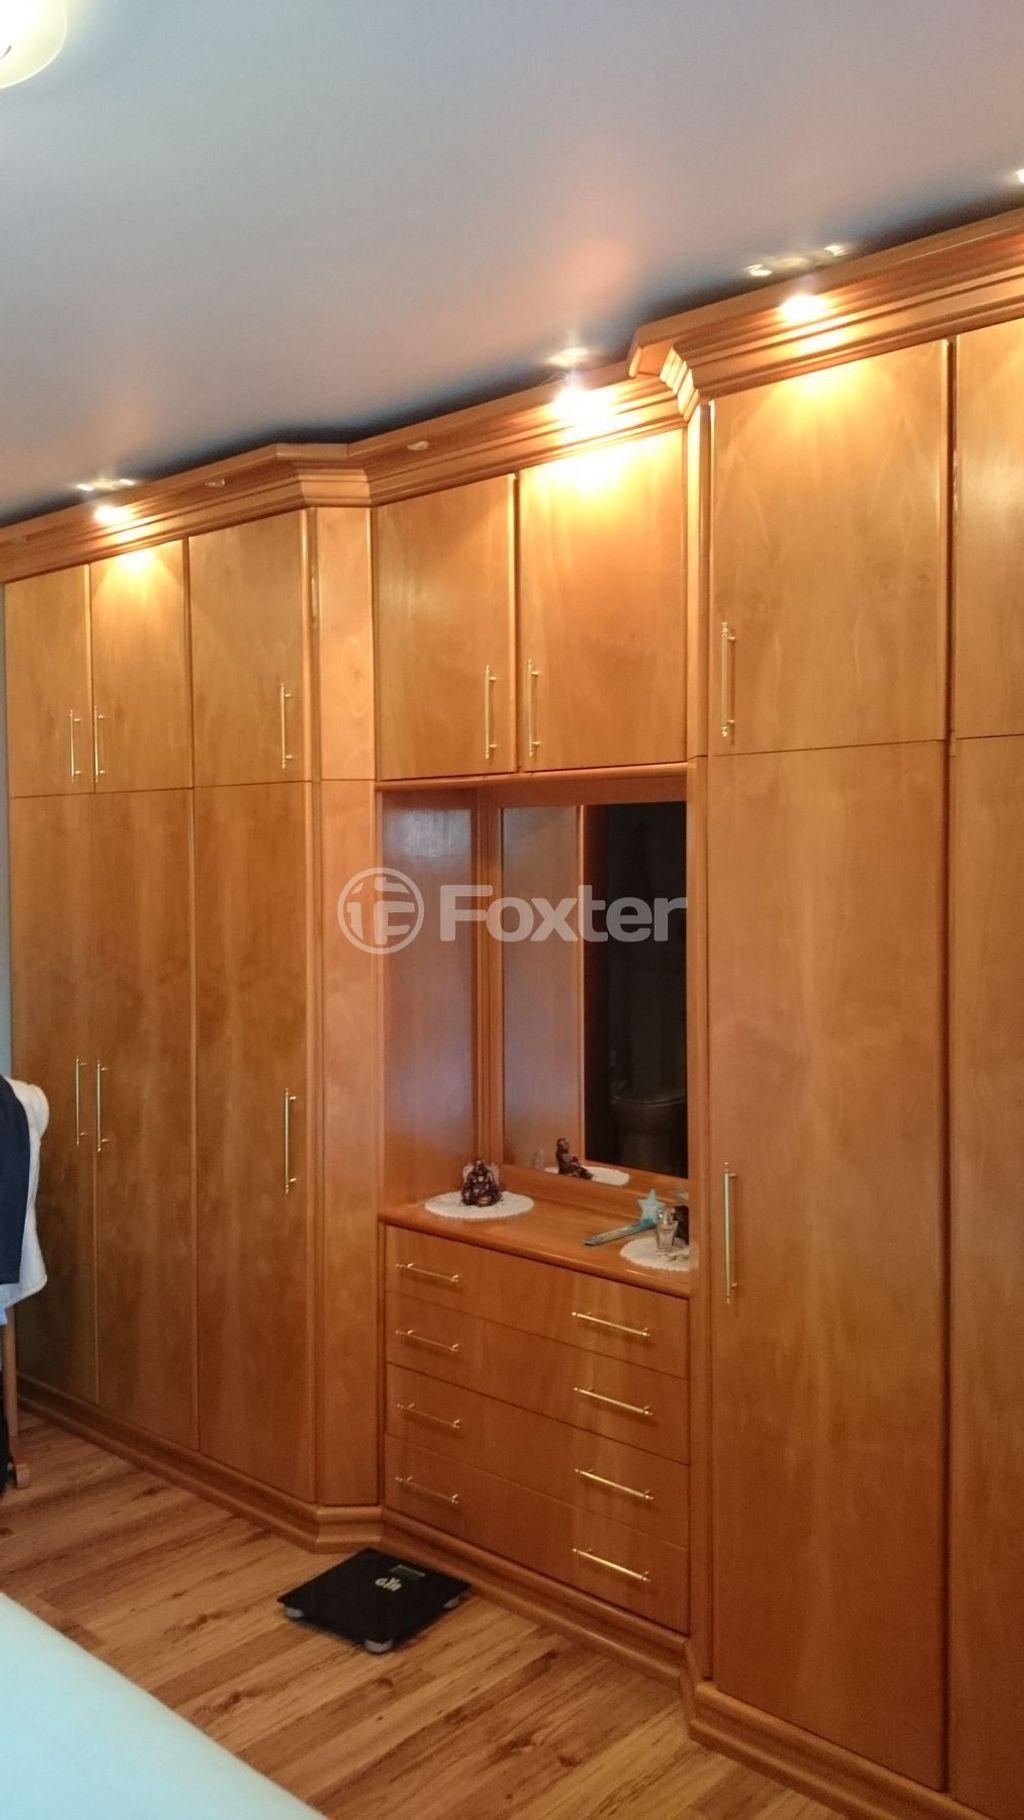 Foxter Imobiliária - Cobertura 3 Dorm (137279) - Foto 10